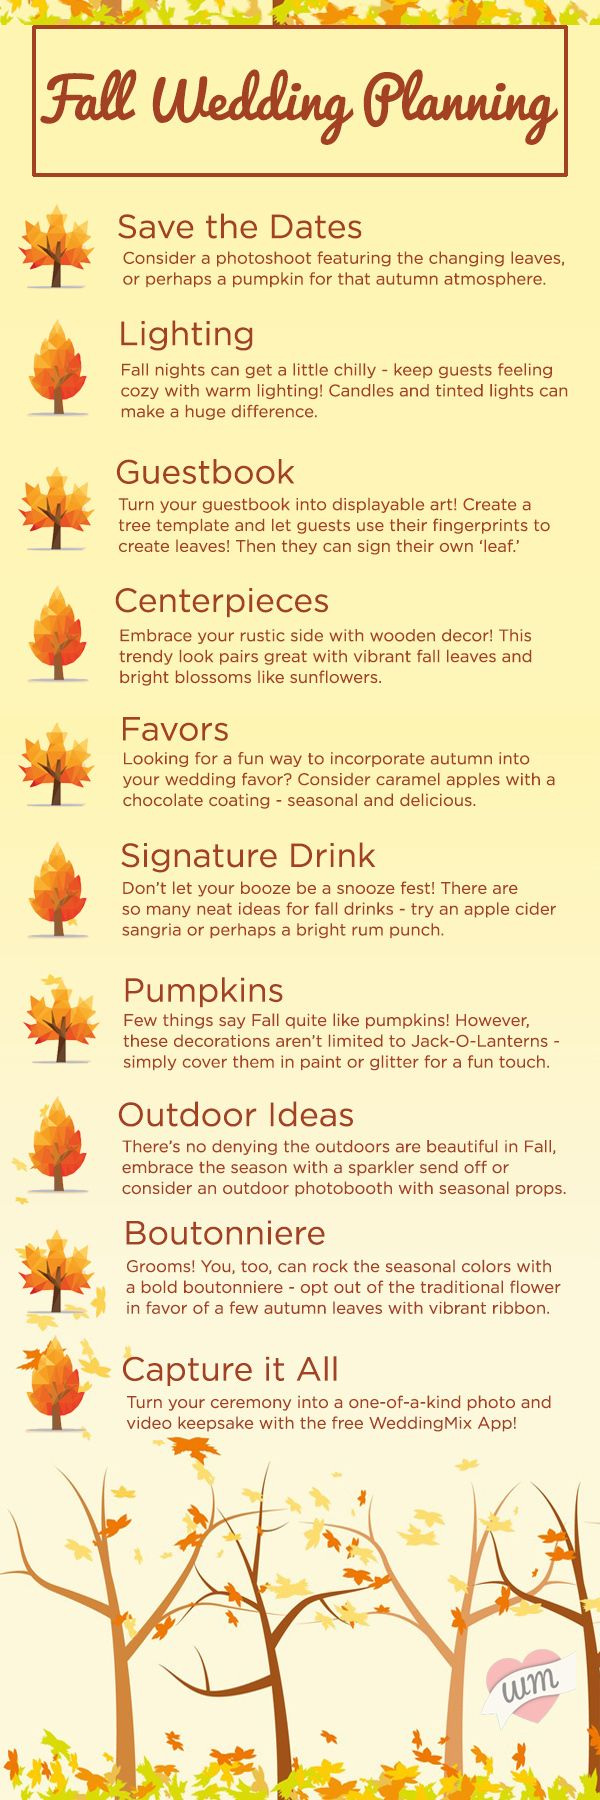 Fall Wedding Planning Essential Guide Pumpkin centerpieces